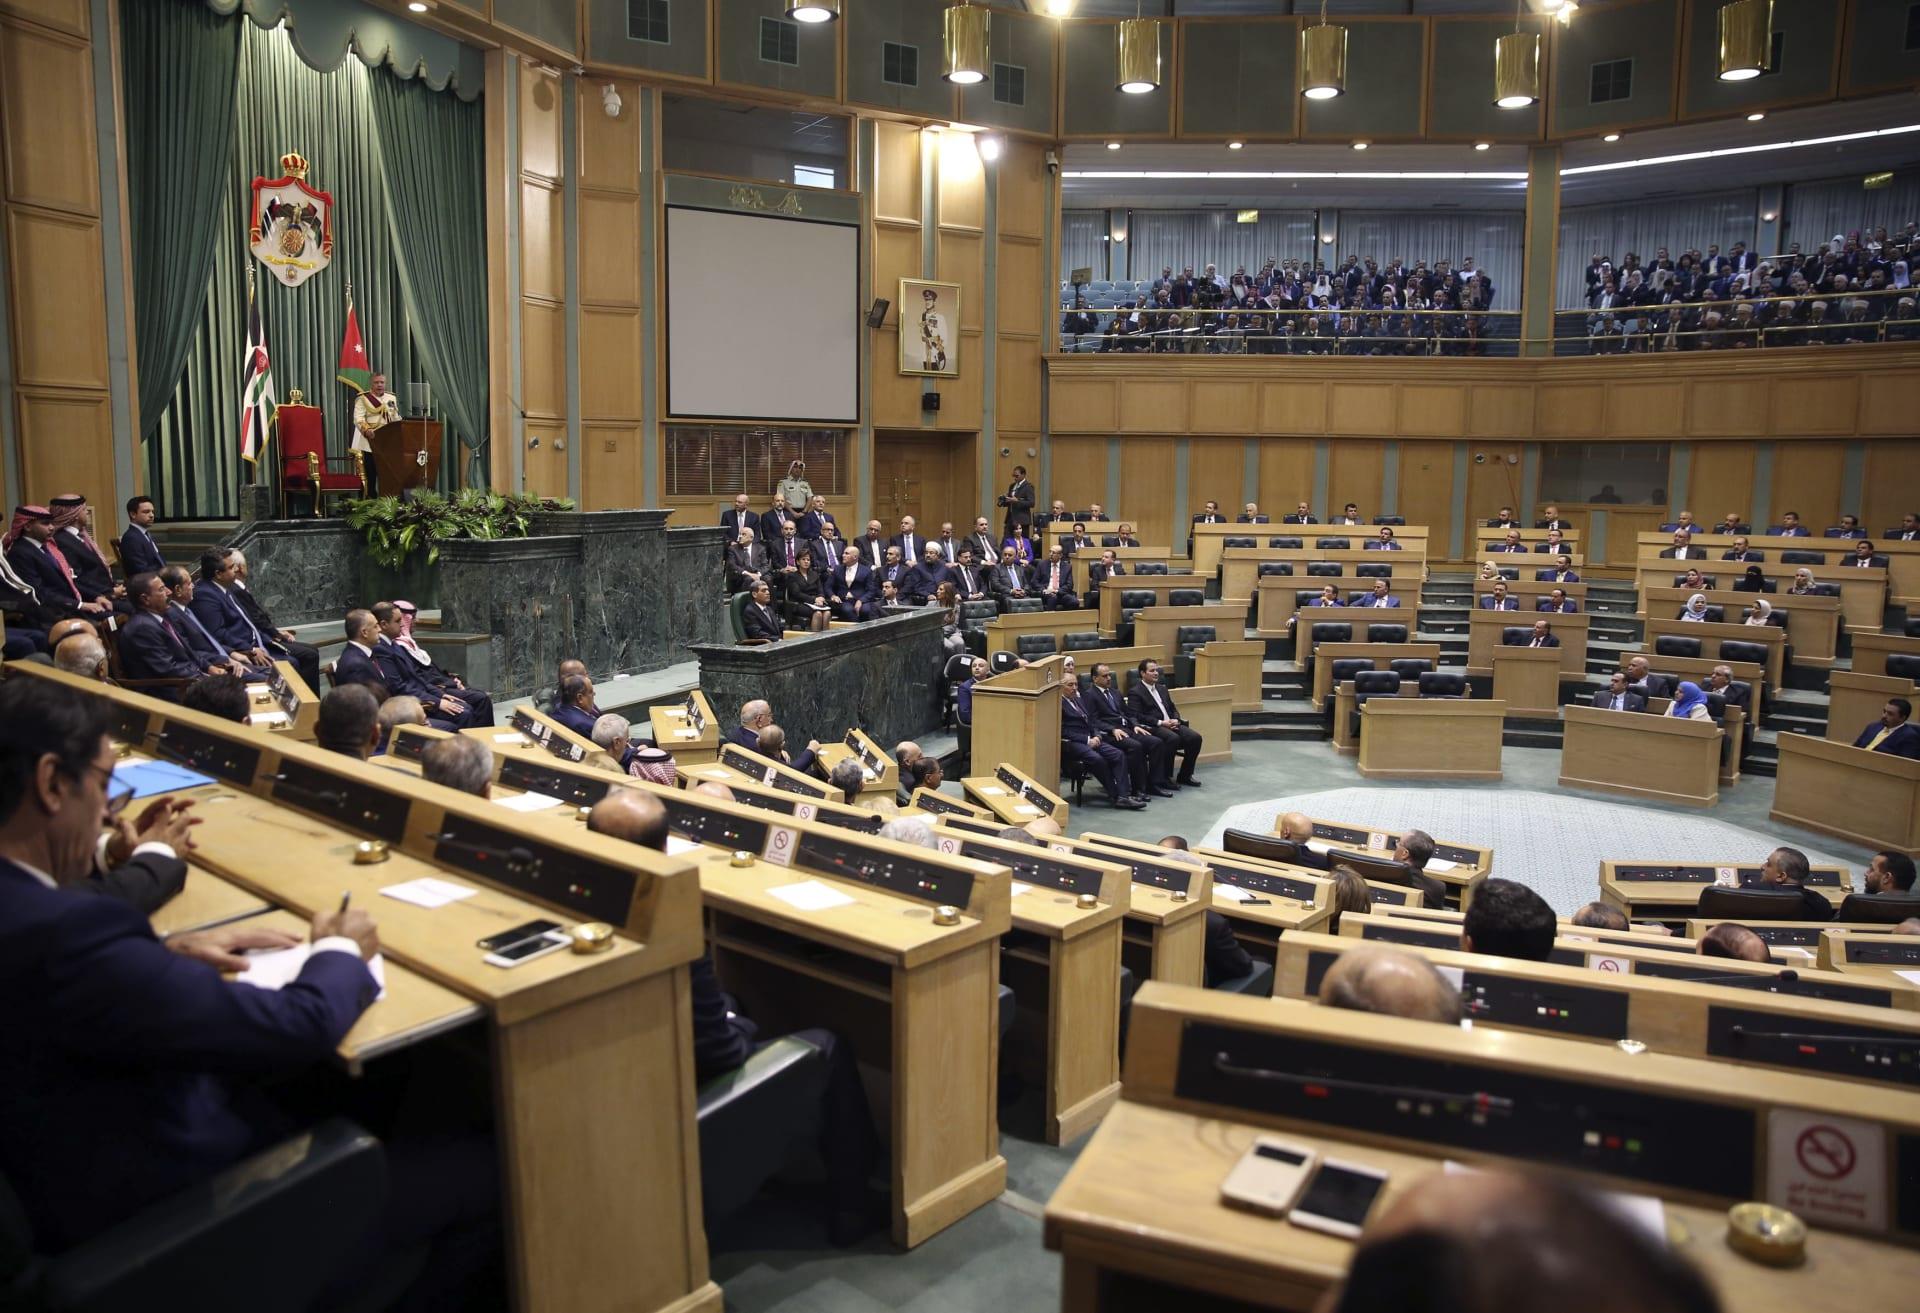 صورة أرشيفية للعاهل الأردني الملك عبدالله الثاني يلقي كلمة في البرلمان الأردني